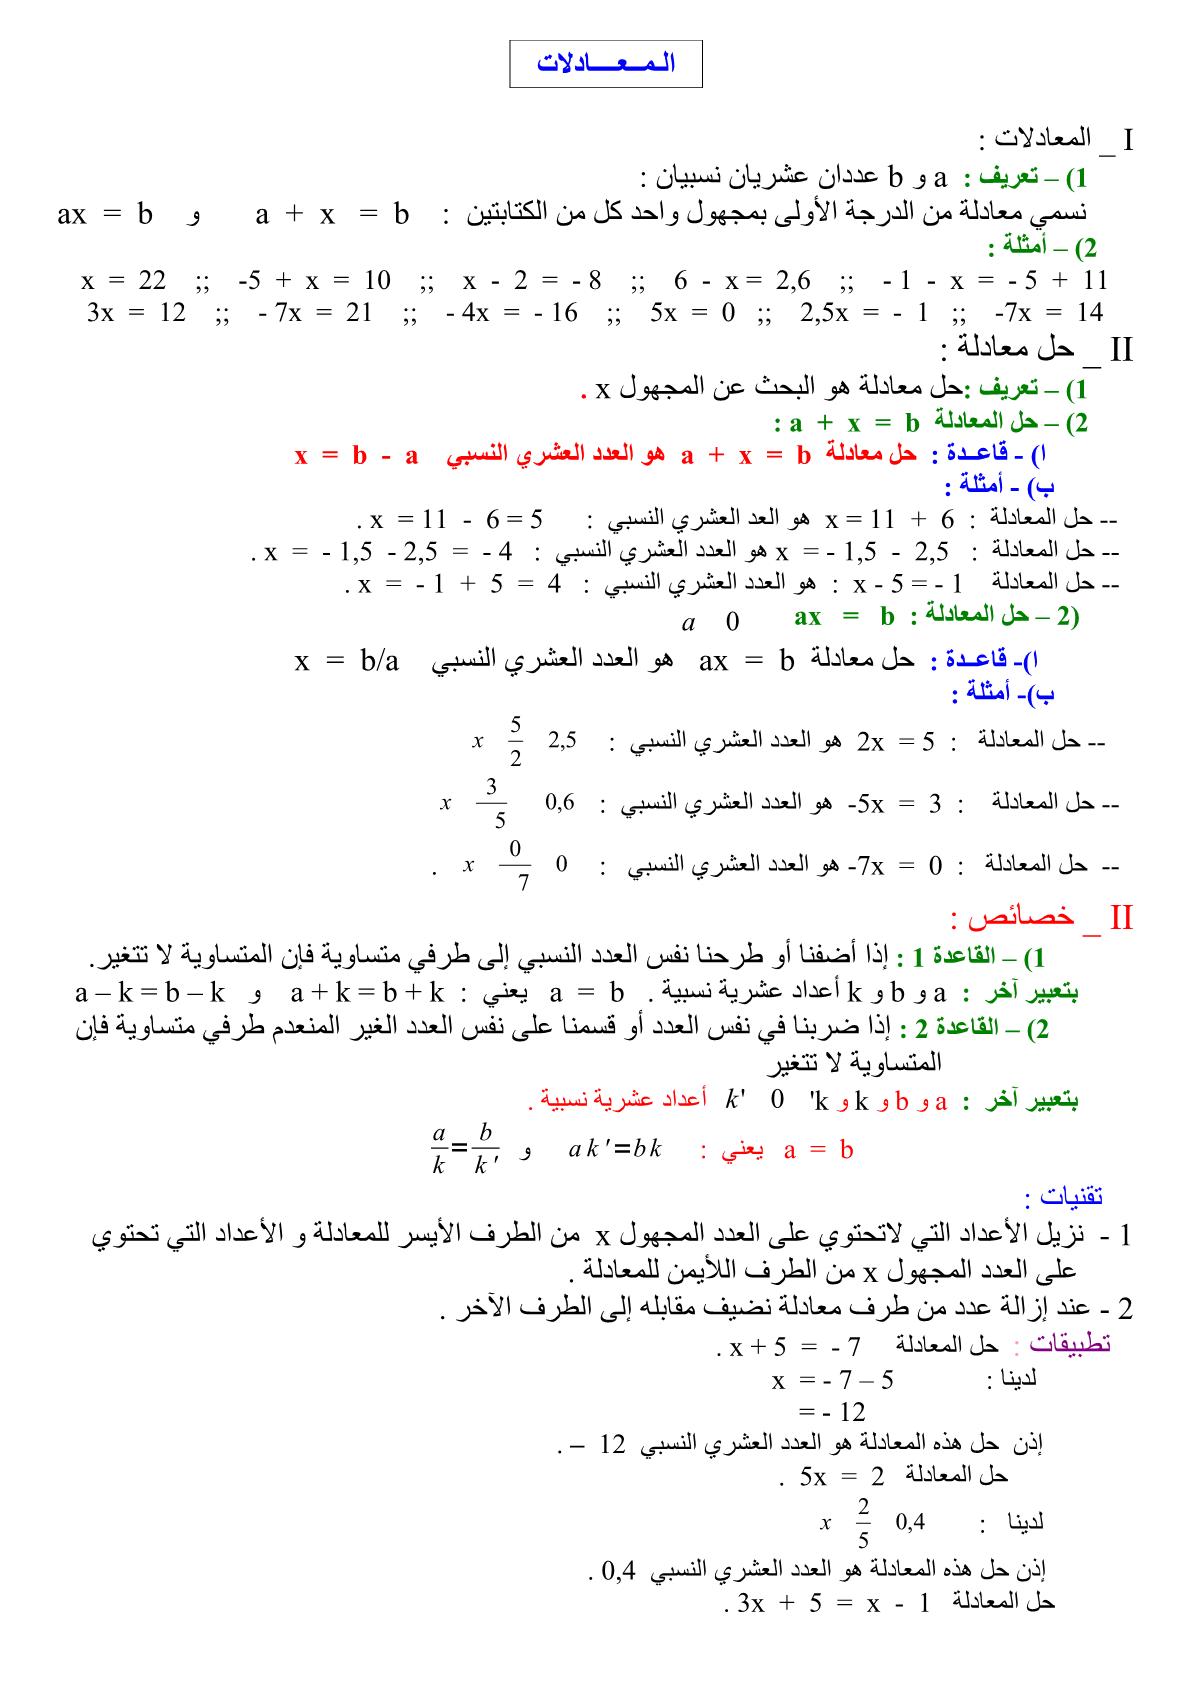 درس المعادلات مادة الرياضيات للسنة الأولى إعدادي